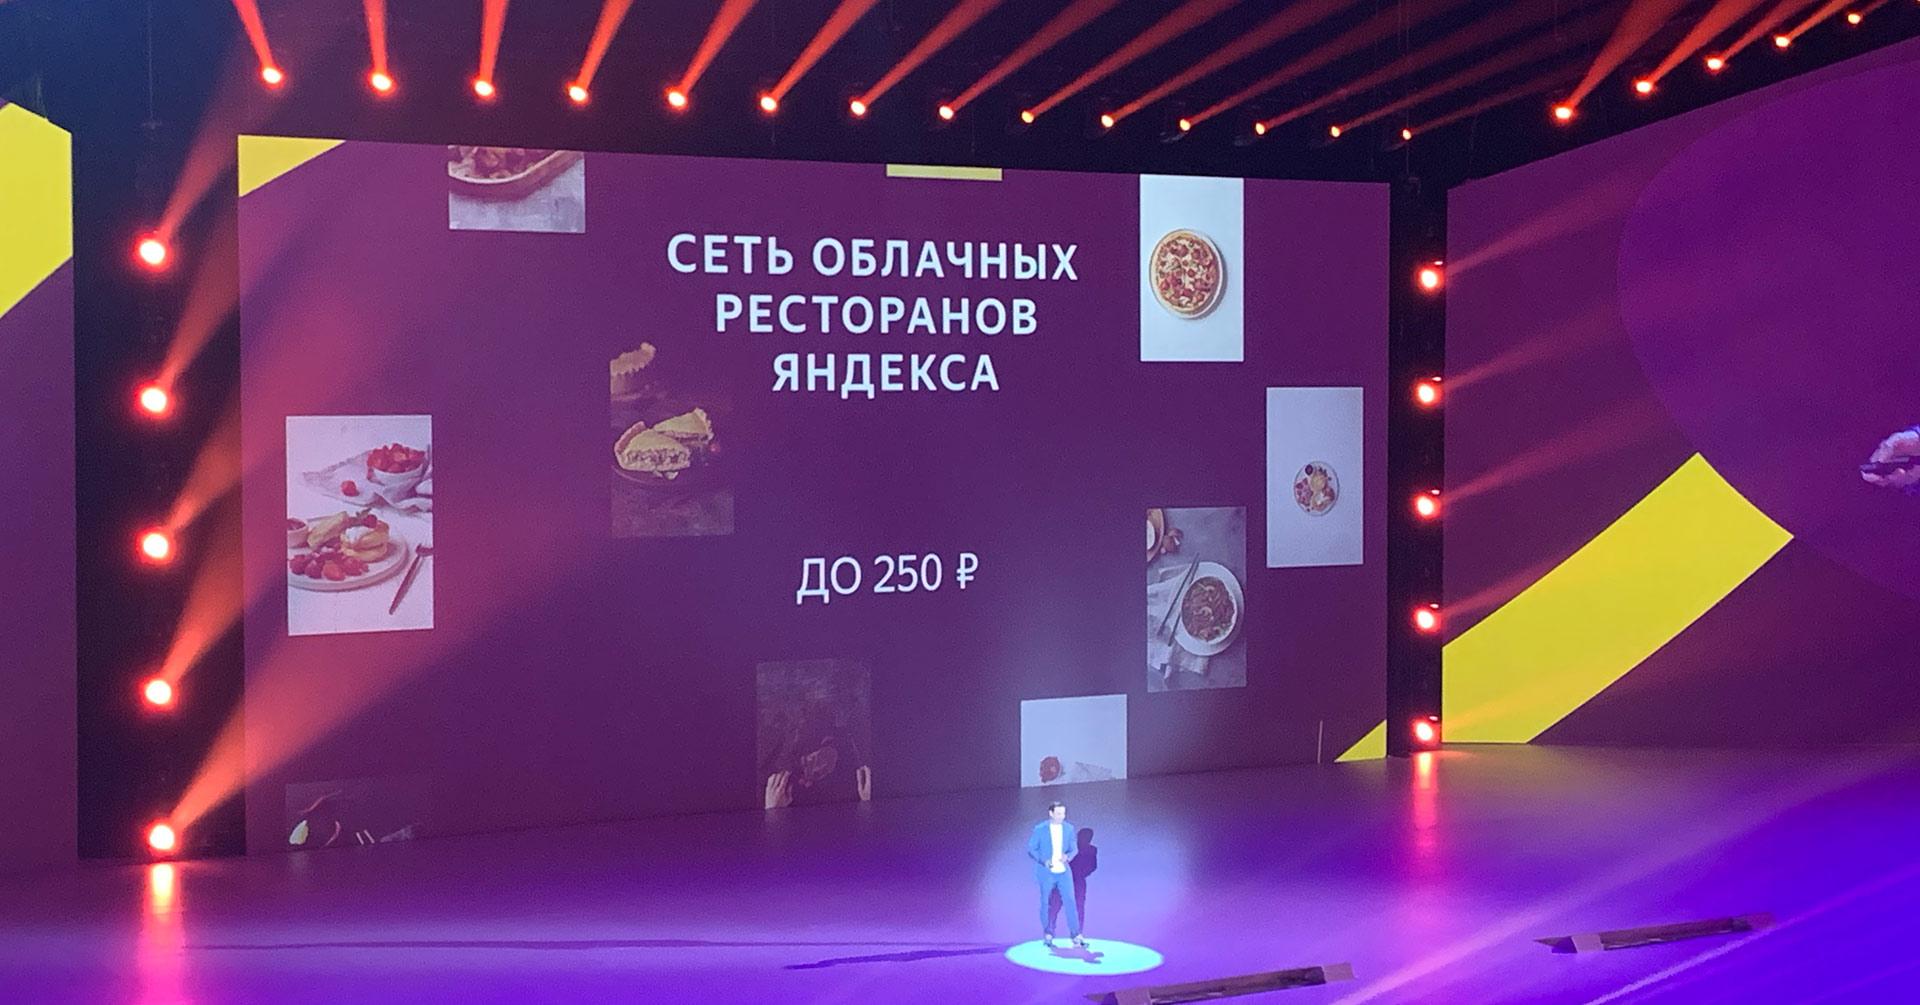 Главное с YaC 2019: сотня беспилотников на дорогах, Яндекс.Модуль, еда, умный дом - 6